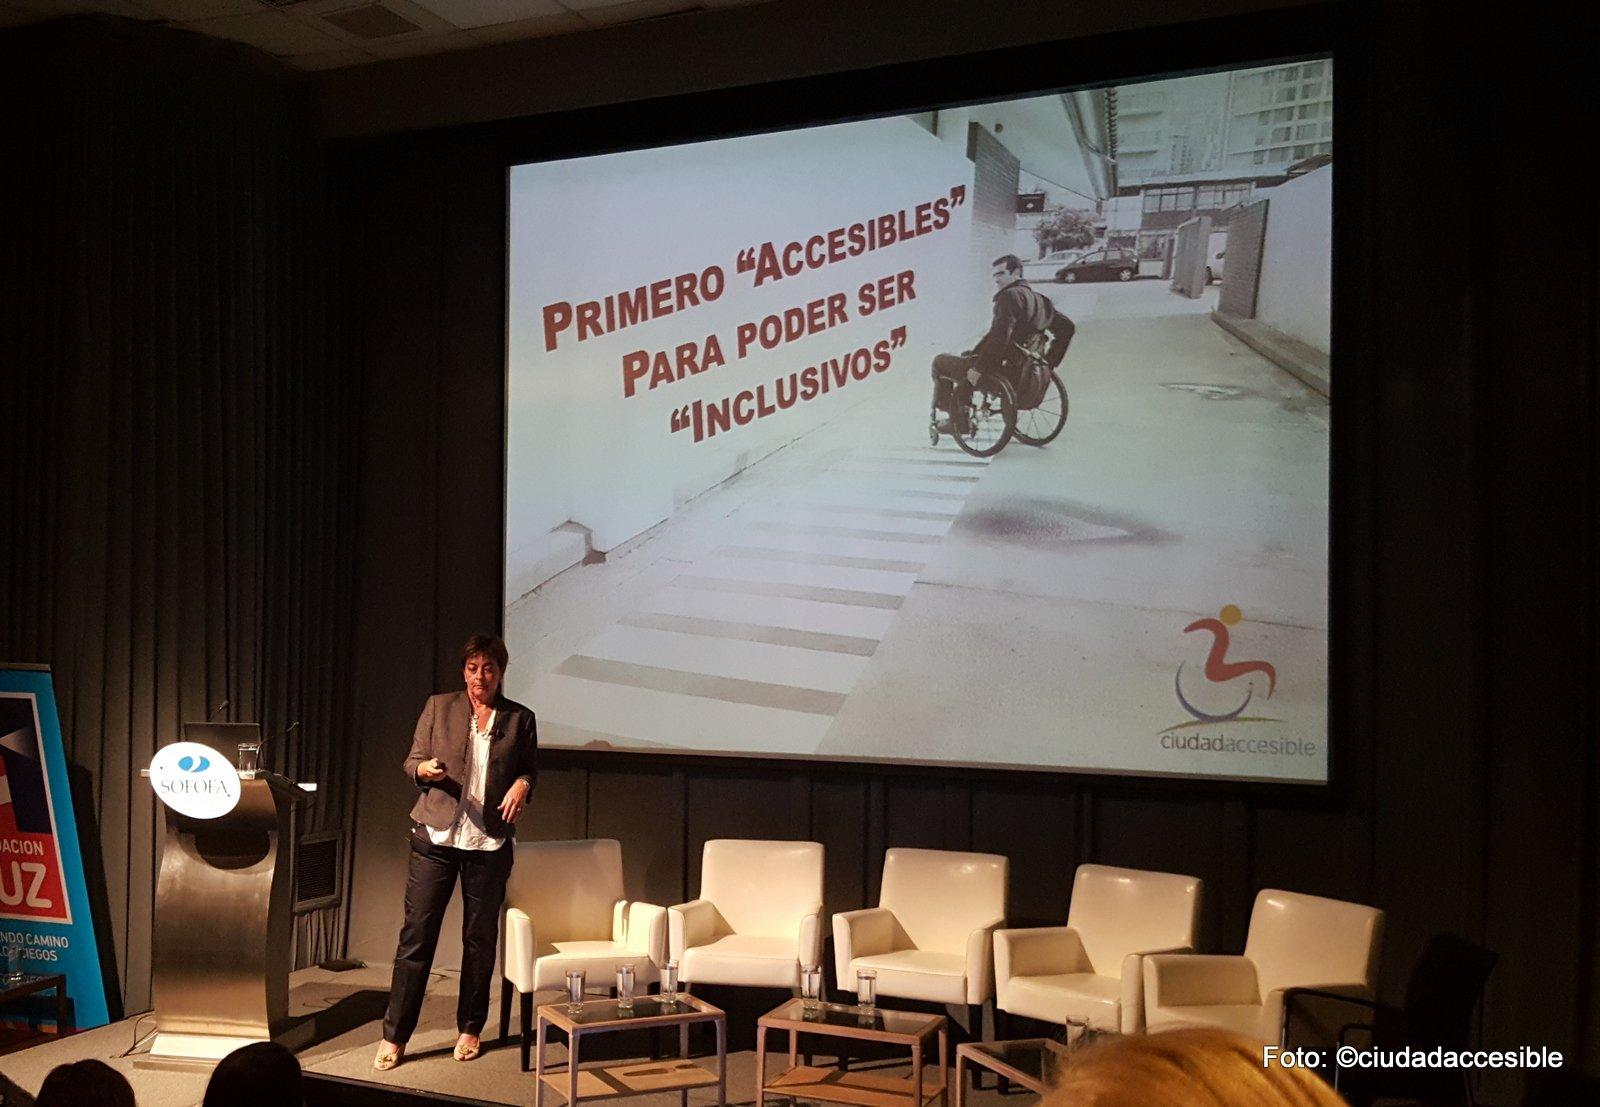 Exposición de Ciudad Accesible en Seminario Fundación Luz - Sofofa Primero accesibles para ser inclusivos